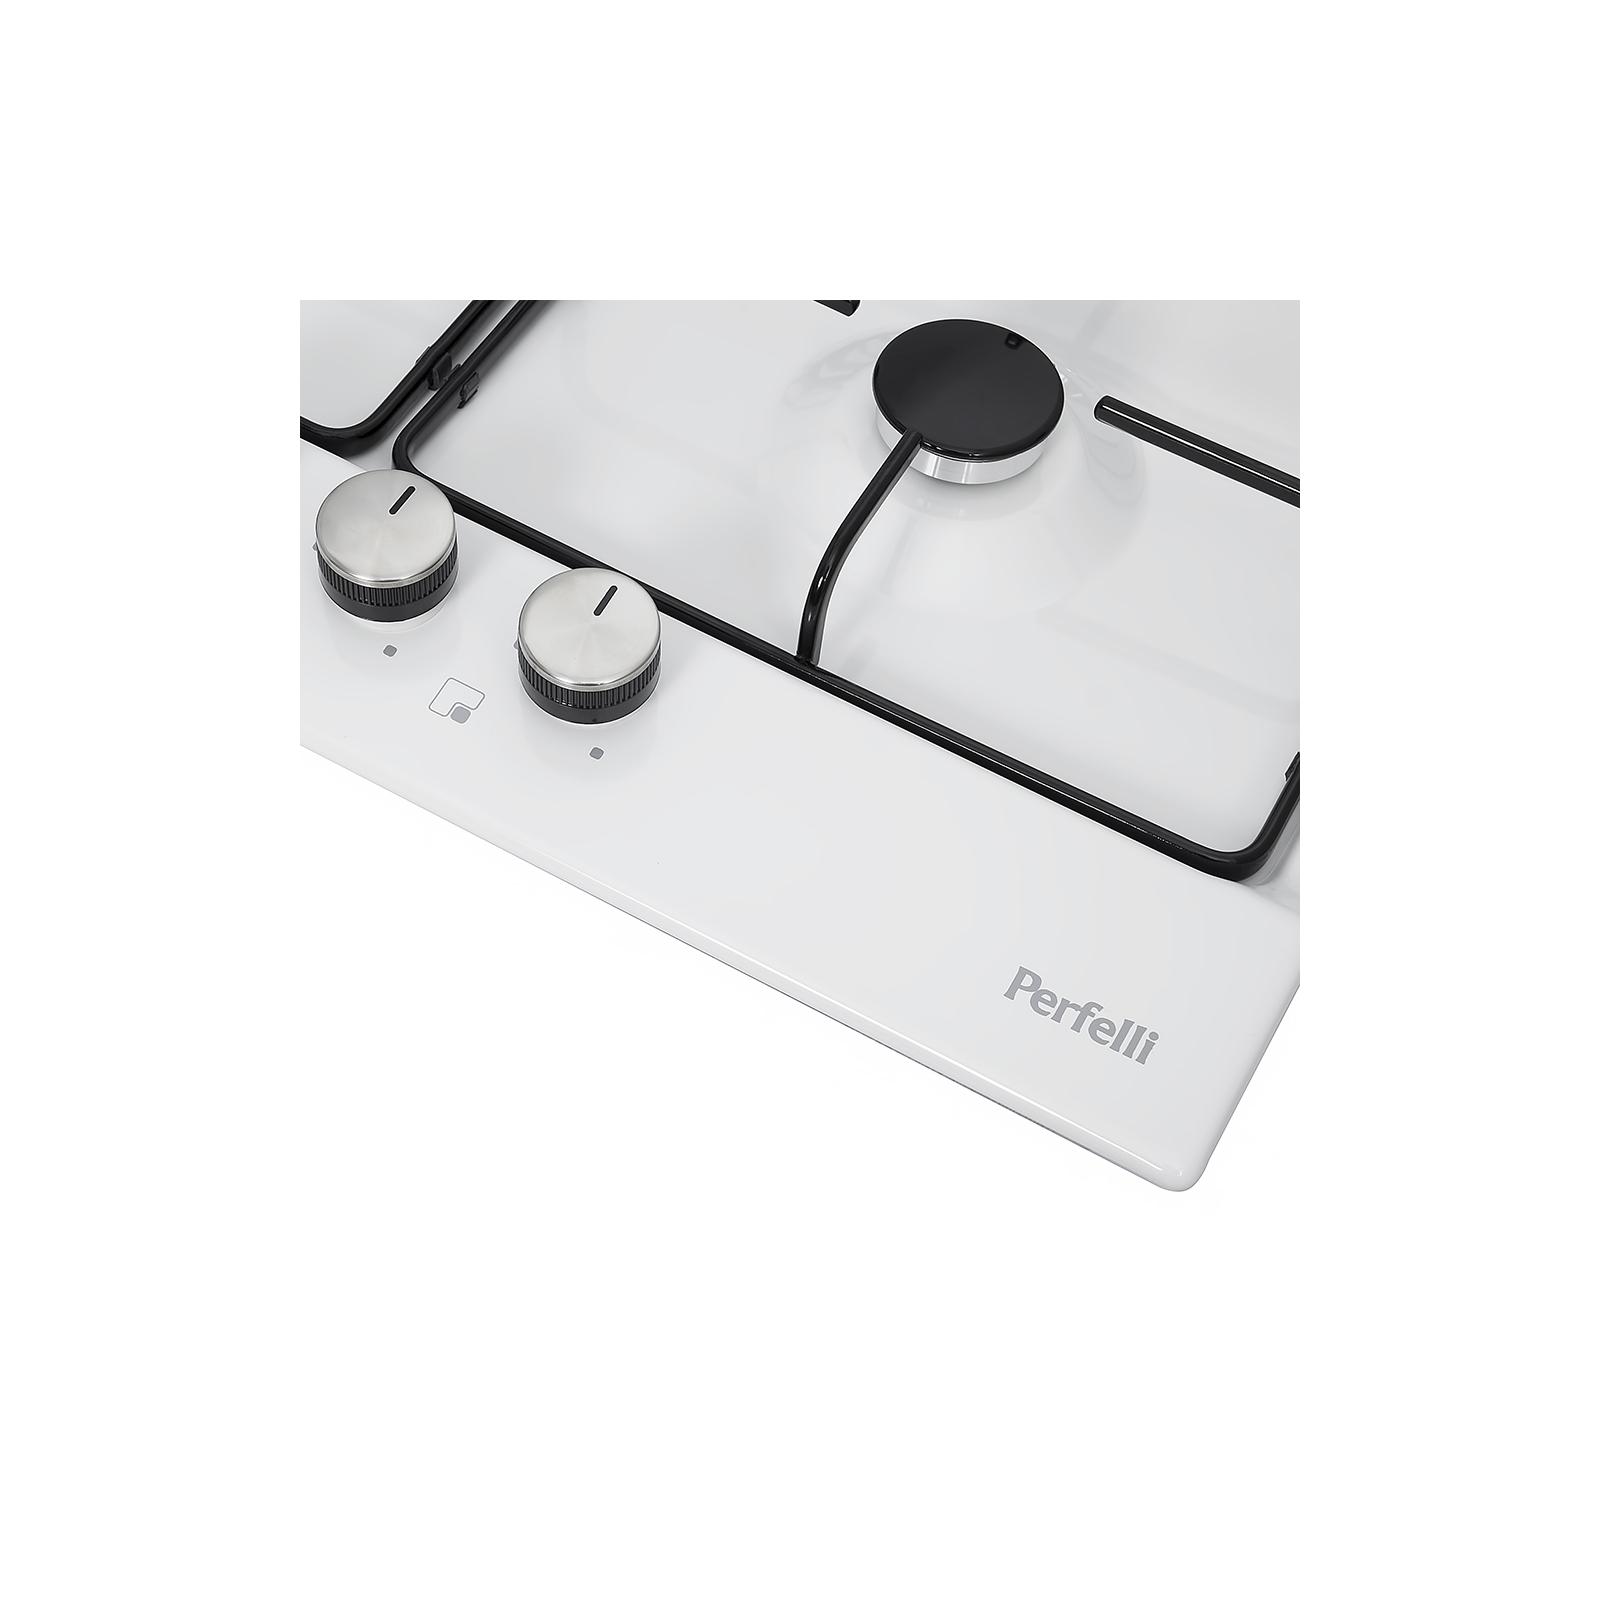 Варочная поверхность PERFELLI HGM 610 W изображение 6